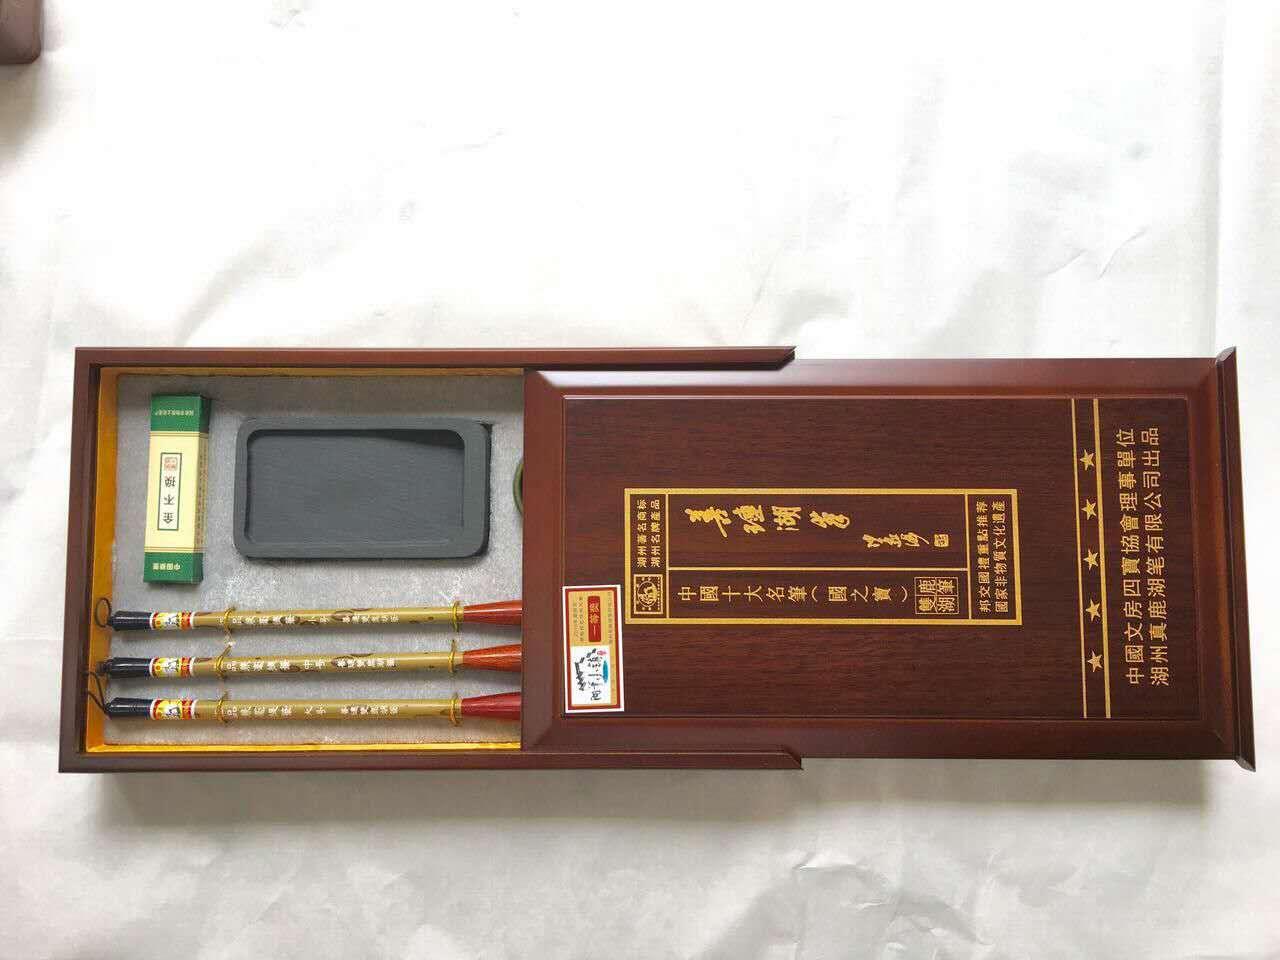 寿山石印章一般多少钱-出售福建好用的文房四宝